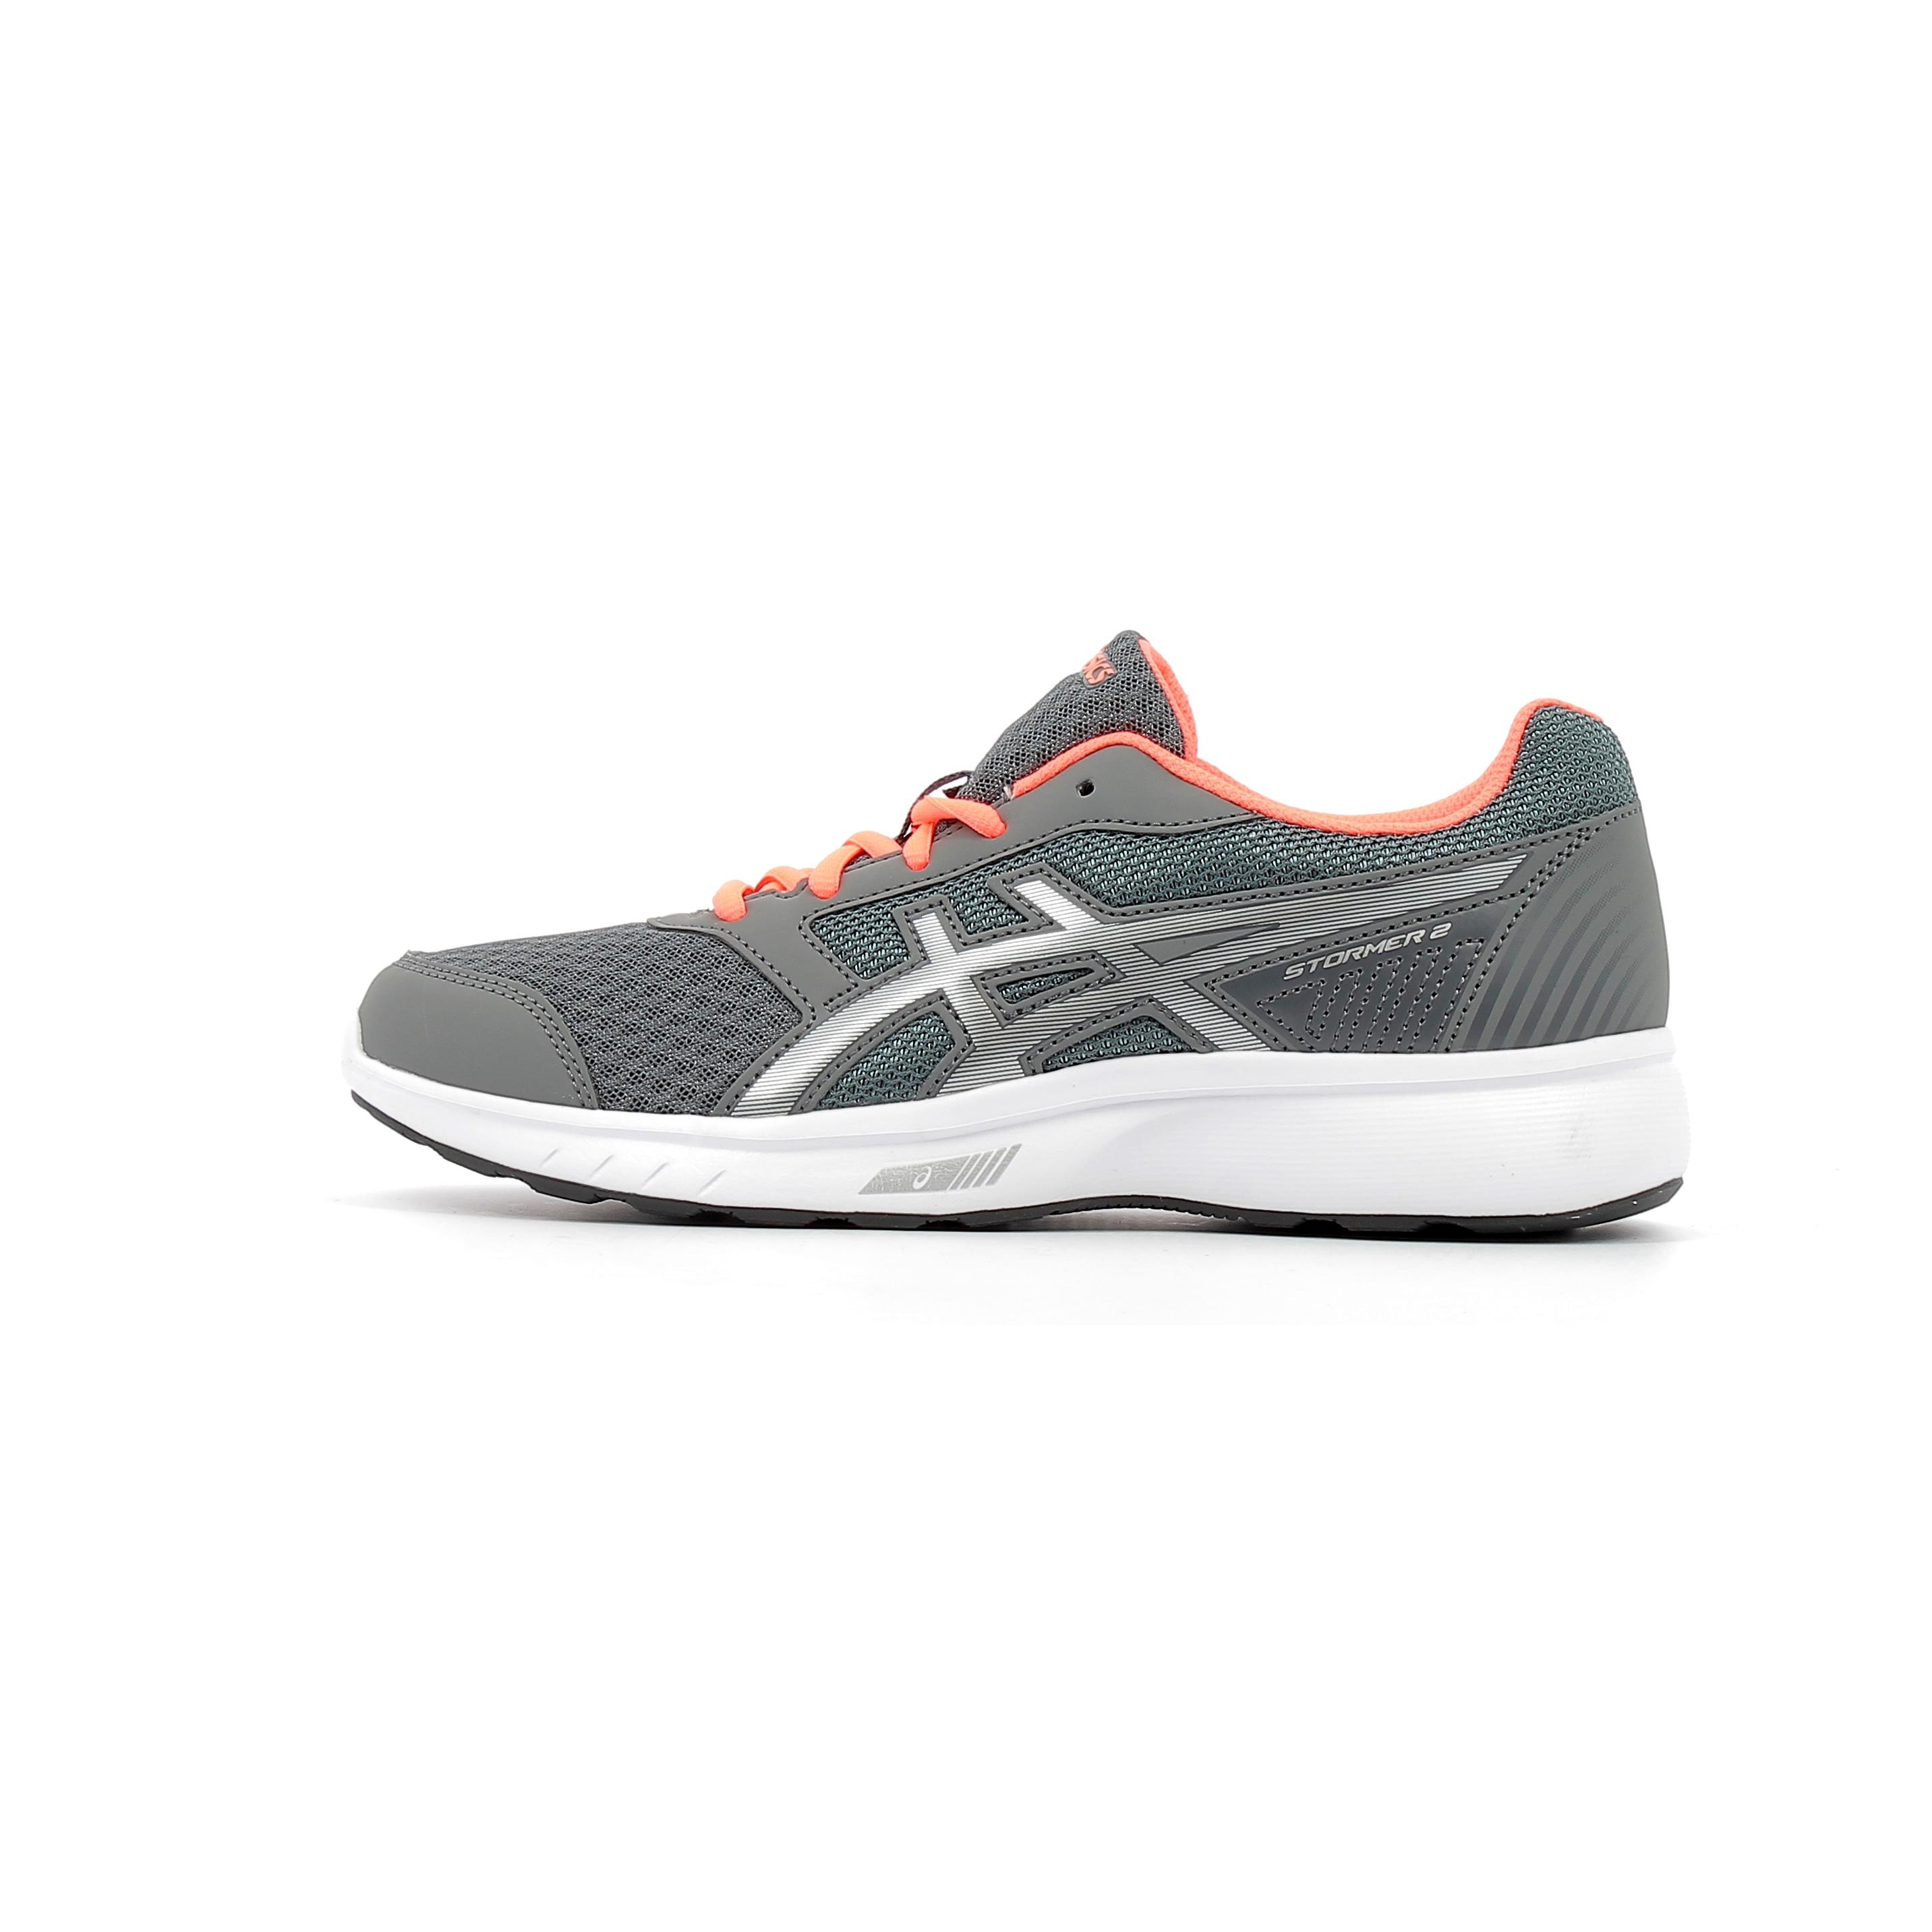 Chaussures de running Asics Stormer 2 W